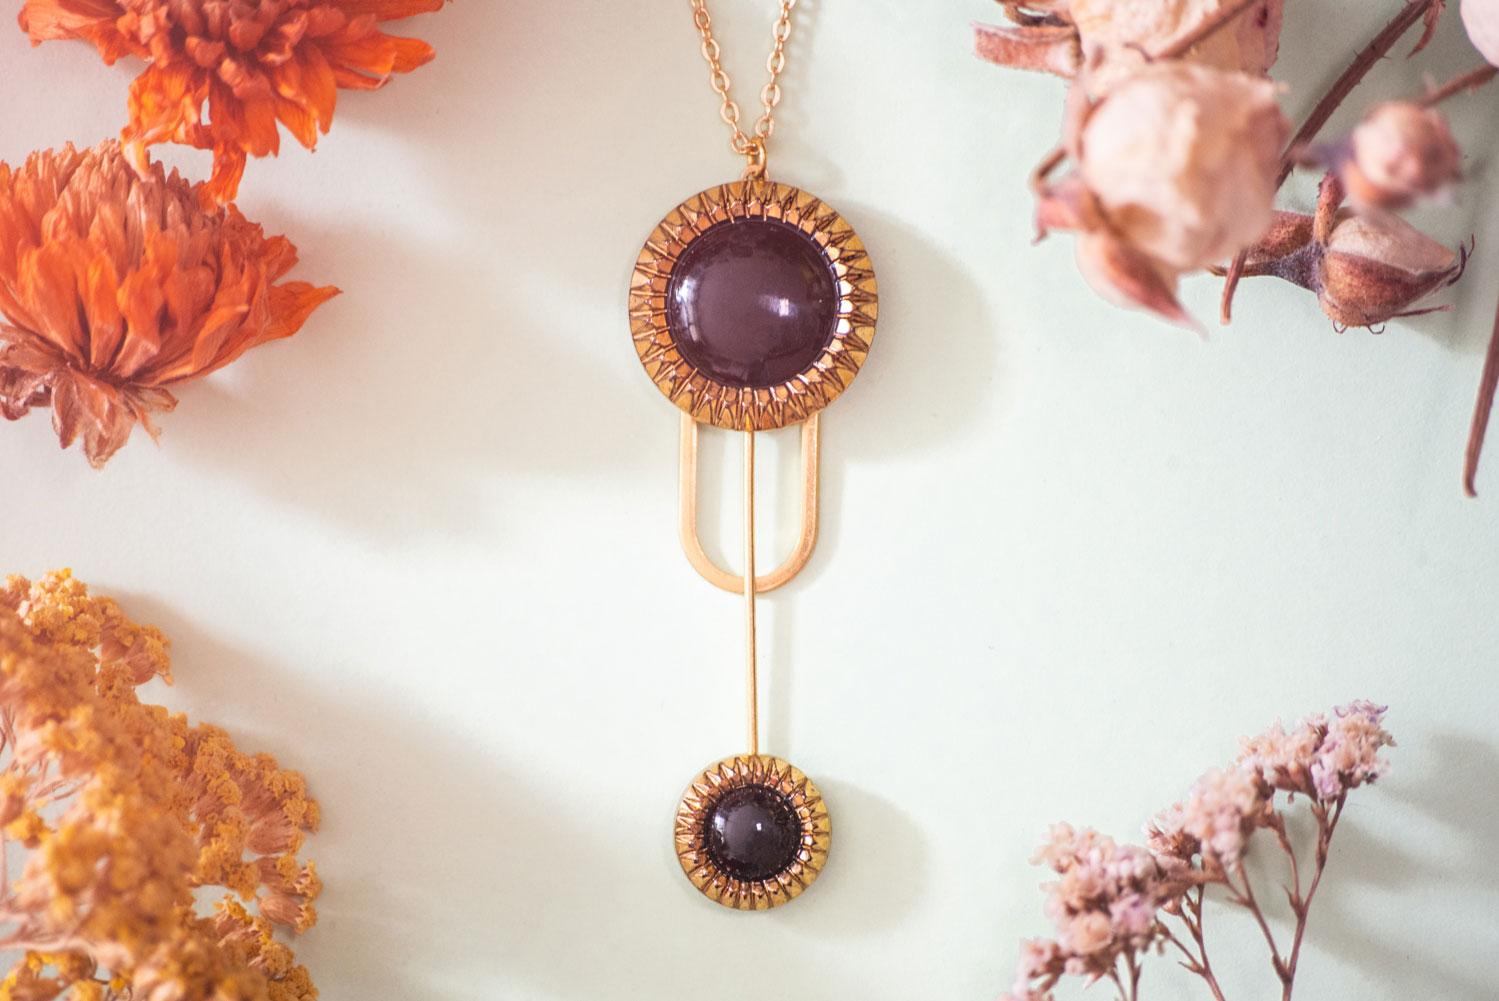 Assuna – Collier Ysée Eva – bijoux léger géométrique bouton ancien inspiration vintage